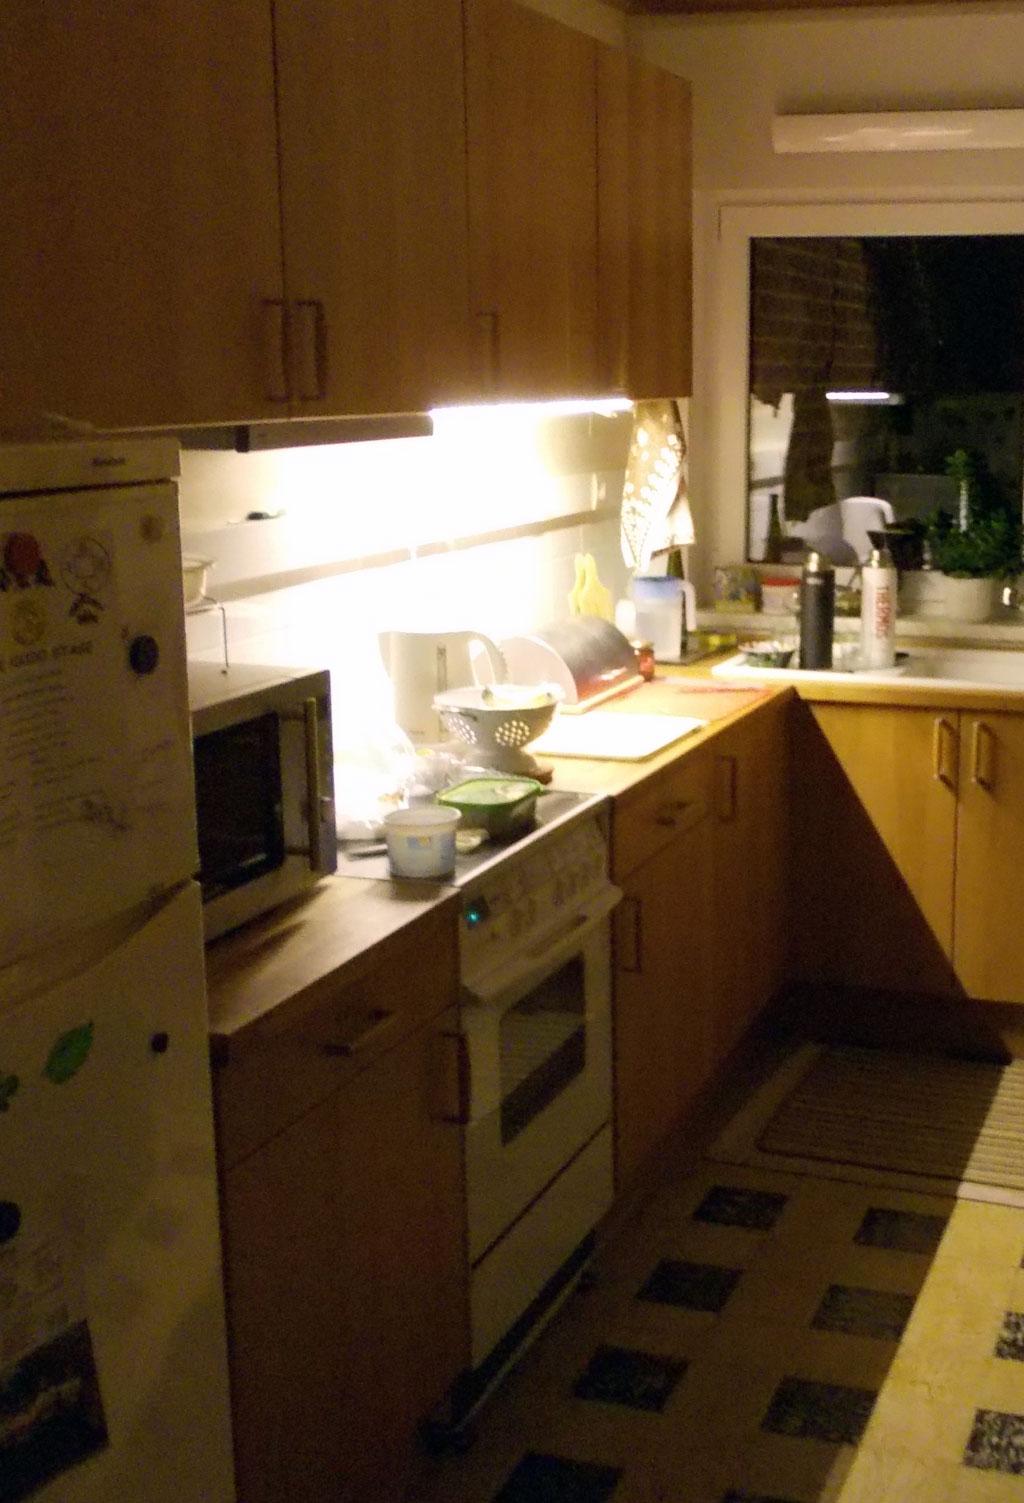 Built in kitchen ledberg ikea hackers ikea hackers